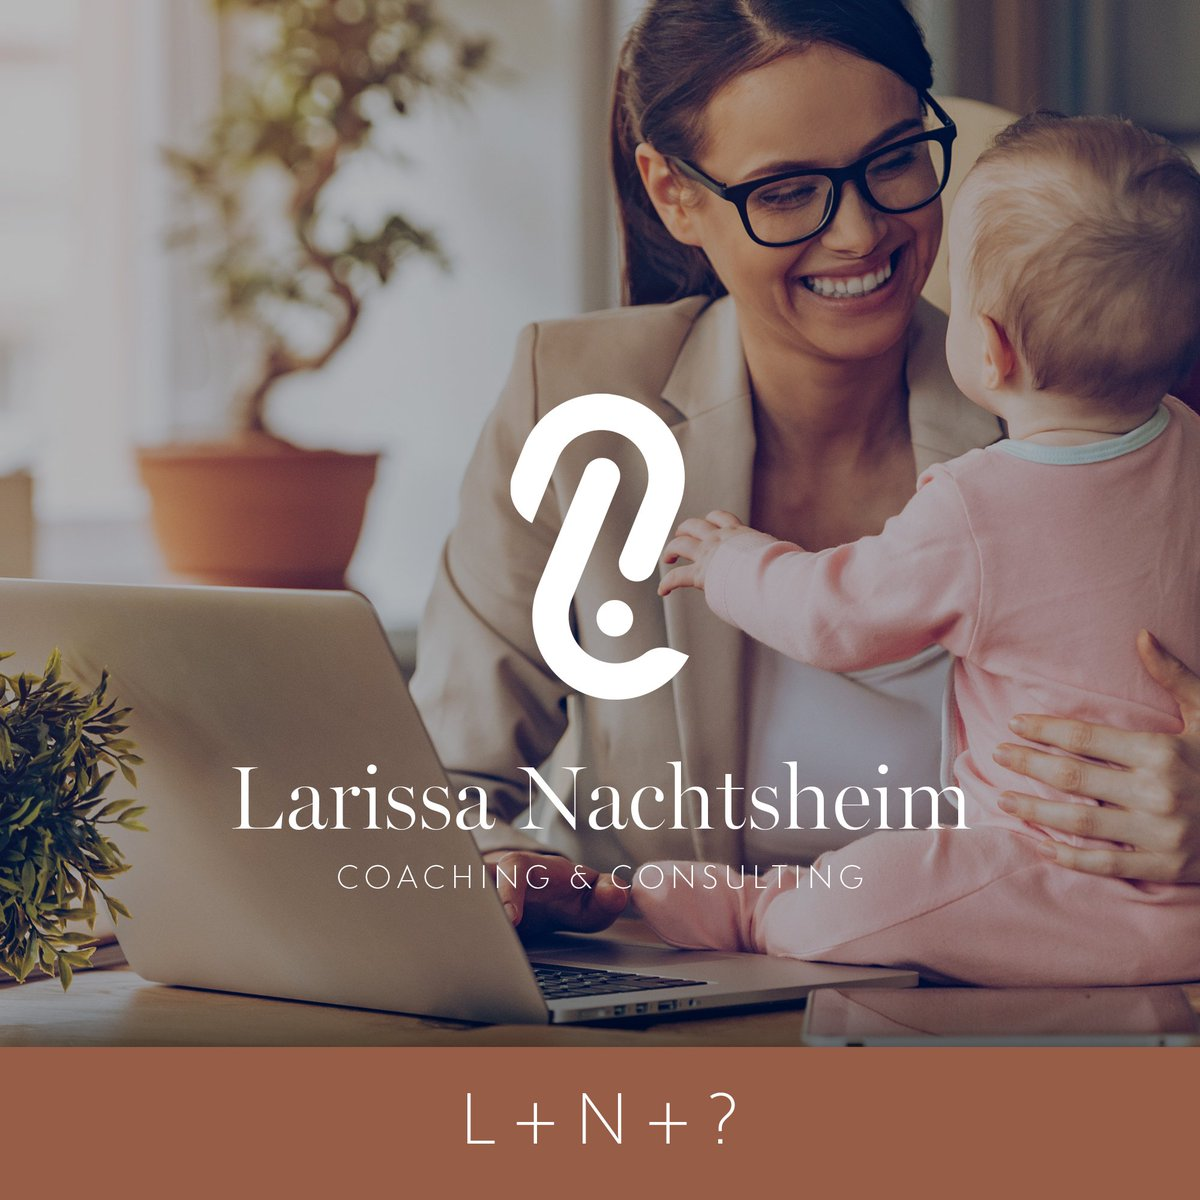 Mit Freude haben wir die #Logoentwicklung für Larissa Nachtsheim übernommen. Die #Bildmarke des #Logos setzt sich aus den Anfangsbuchstaben ihres Vor- und Nachnamens & dem Fragezeichen als #Symbol für die Beantwortung der Fragen im #Coaching zusammen. #logo #agency #design